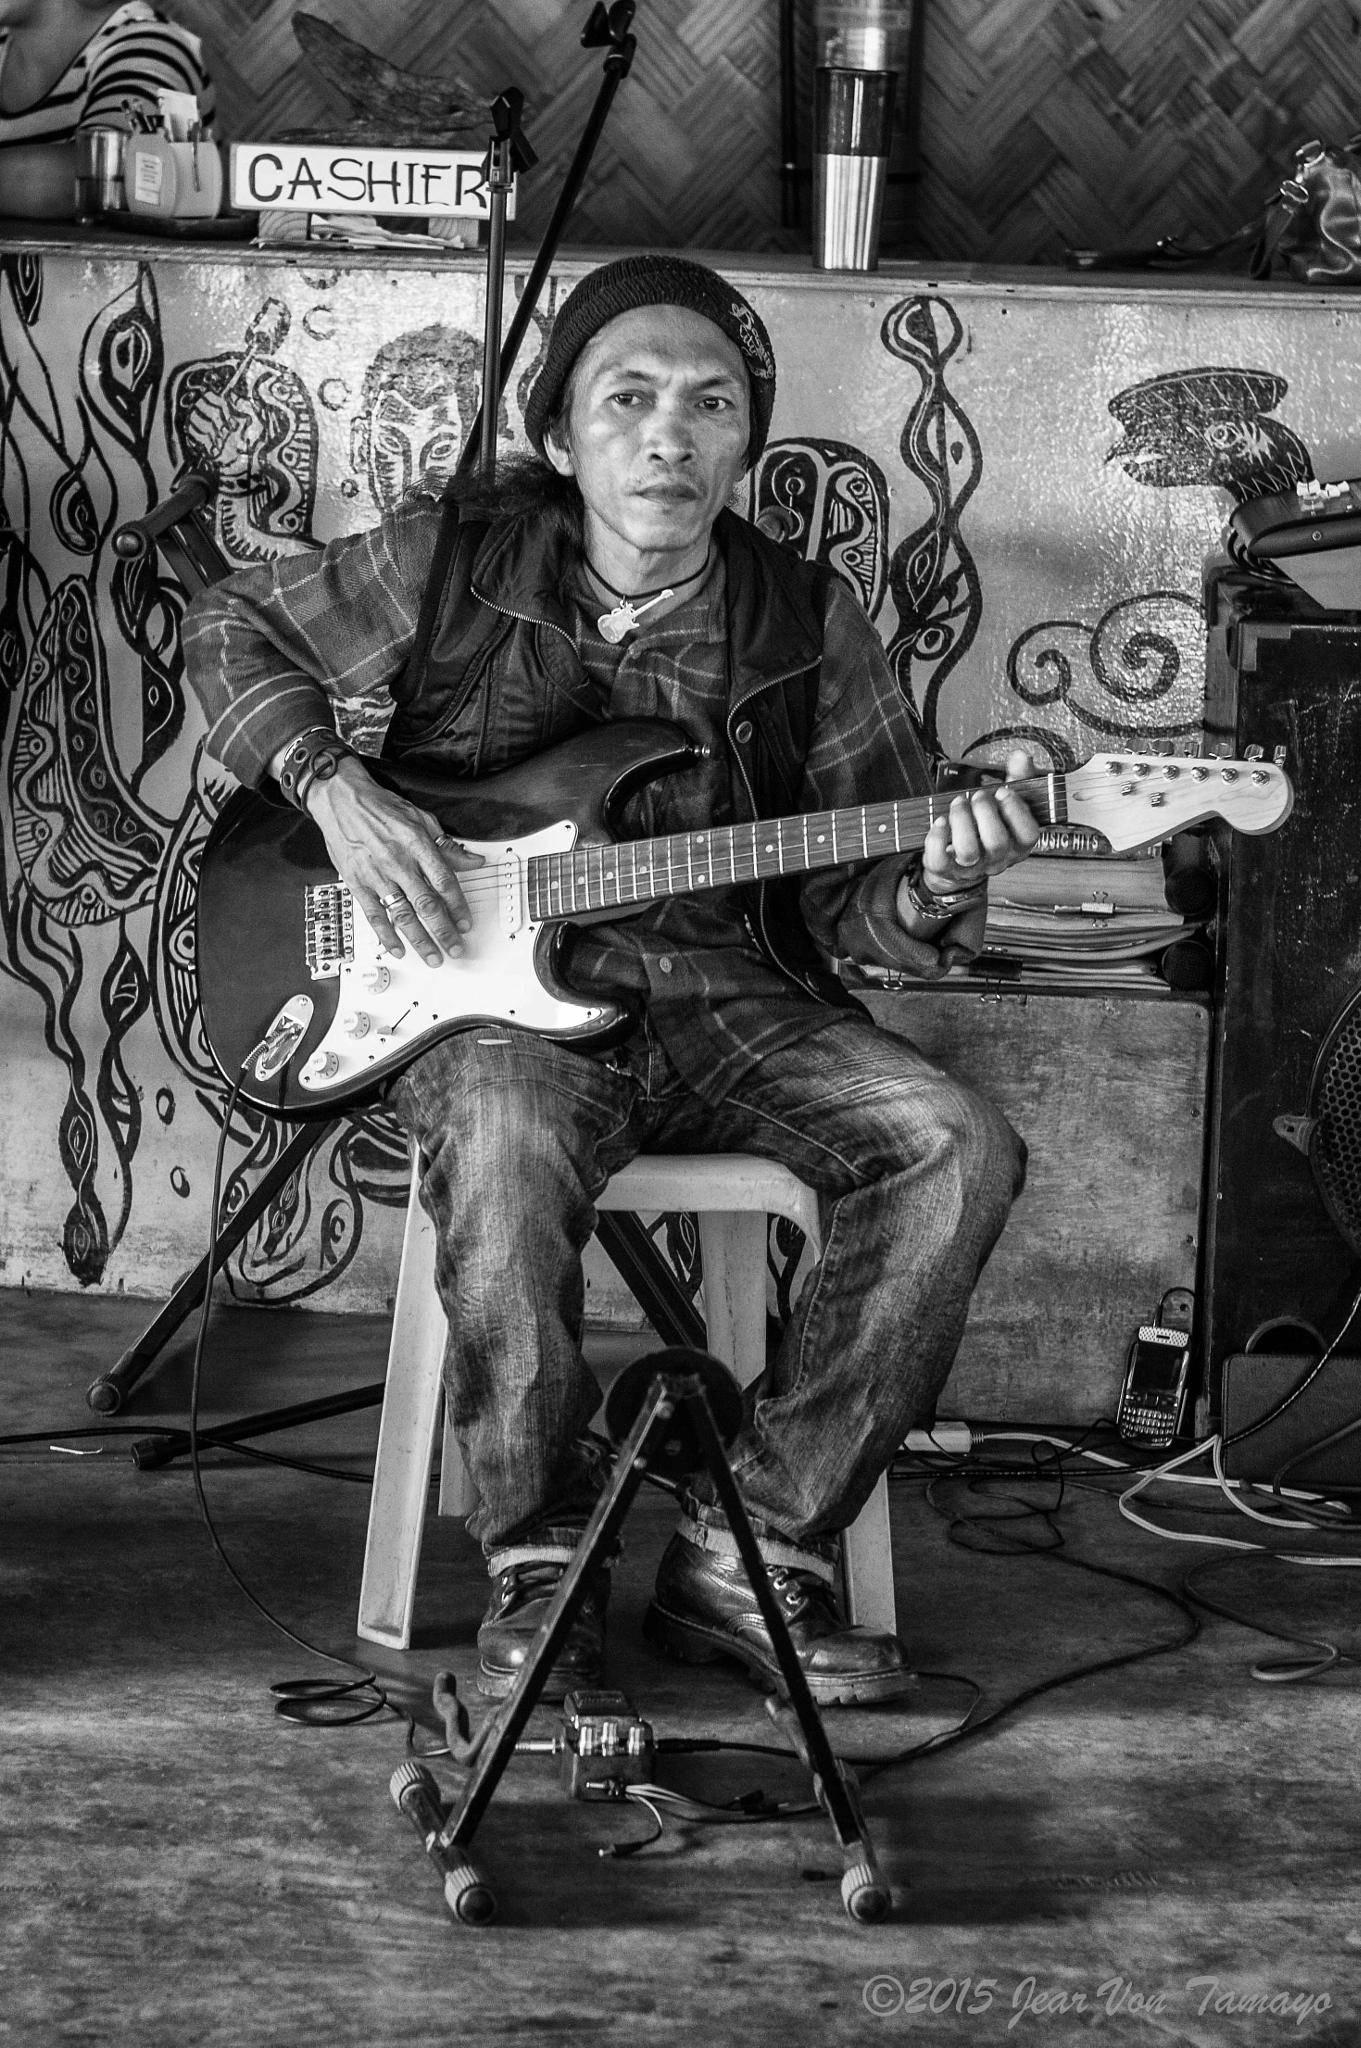 Musikero by Jear Von